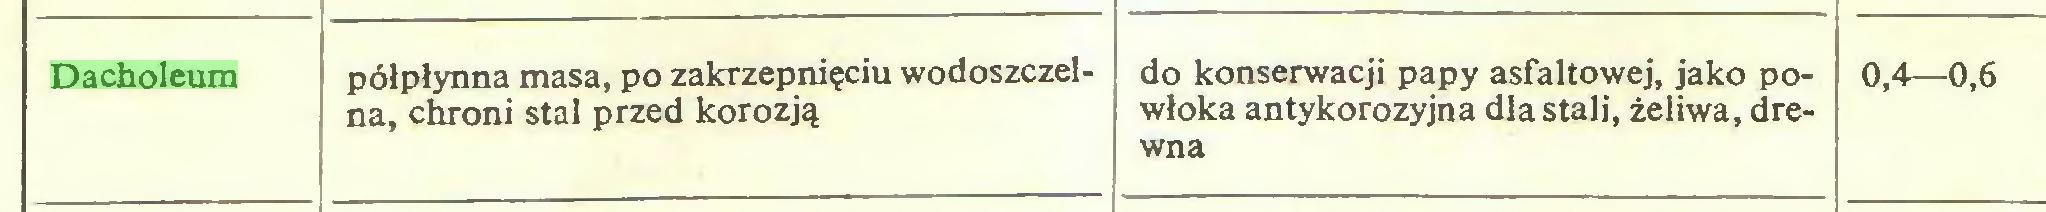 (...) Dacholeum półpłynna masa, po zakrzepnięciu wodoszczelna, chroni stal przed korozją do konserwacji papy asfaltowej, jako powłoka antykorozyjna dla stali, żeliwa, drewna 0,4—0,6...